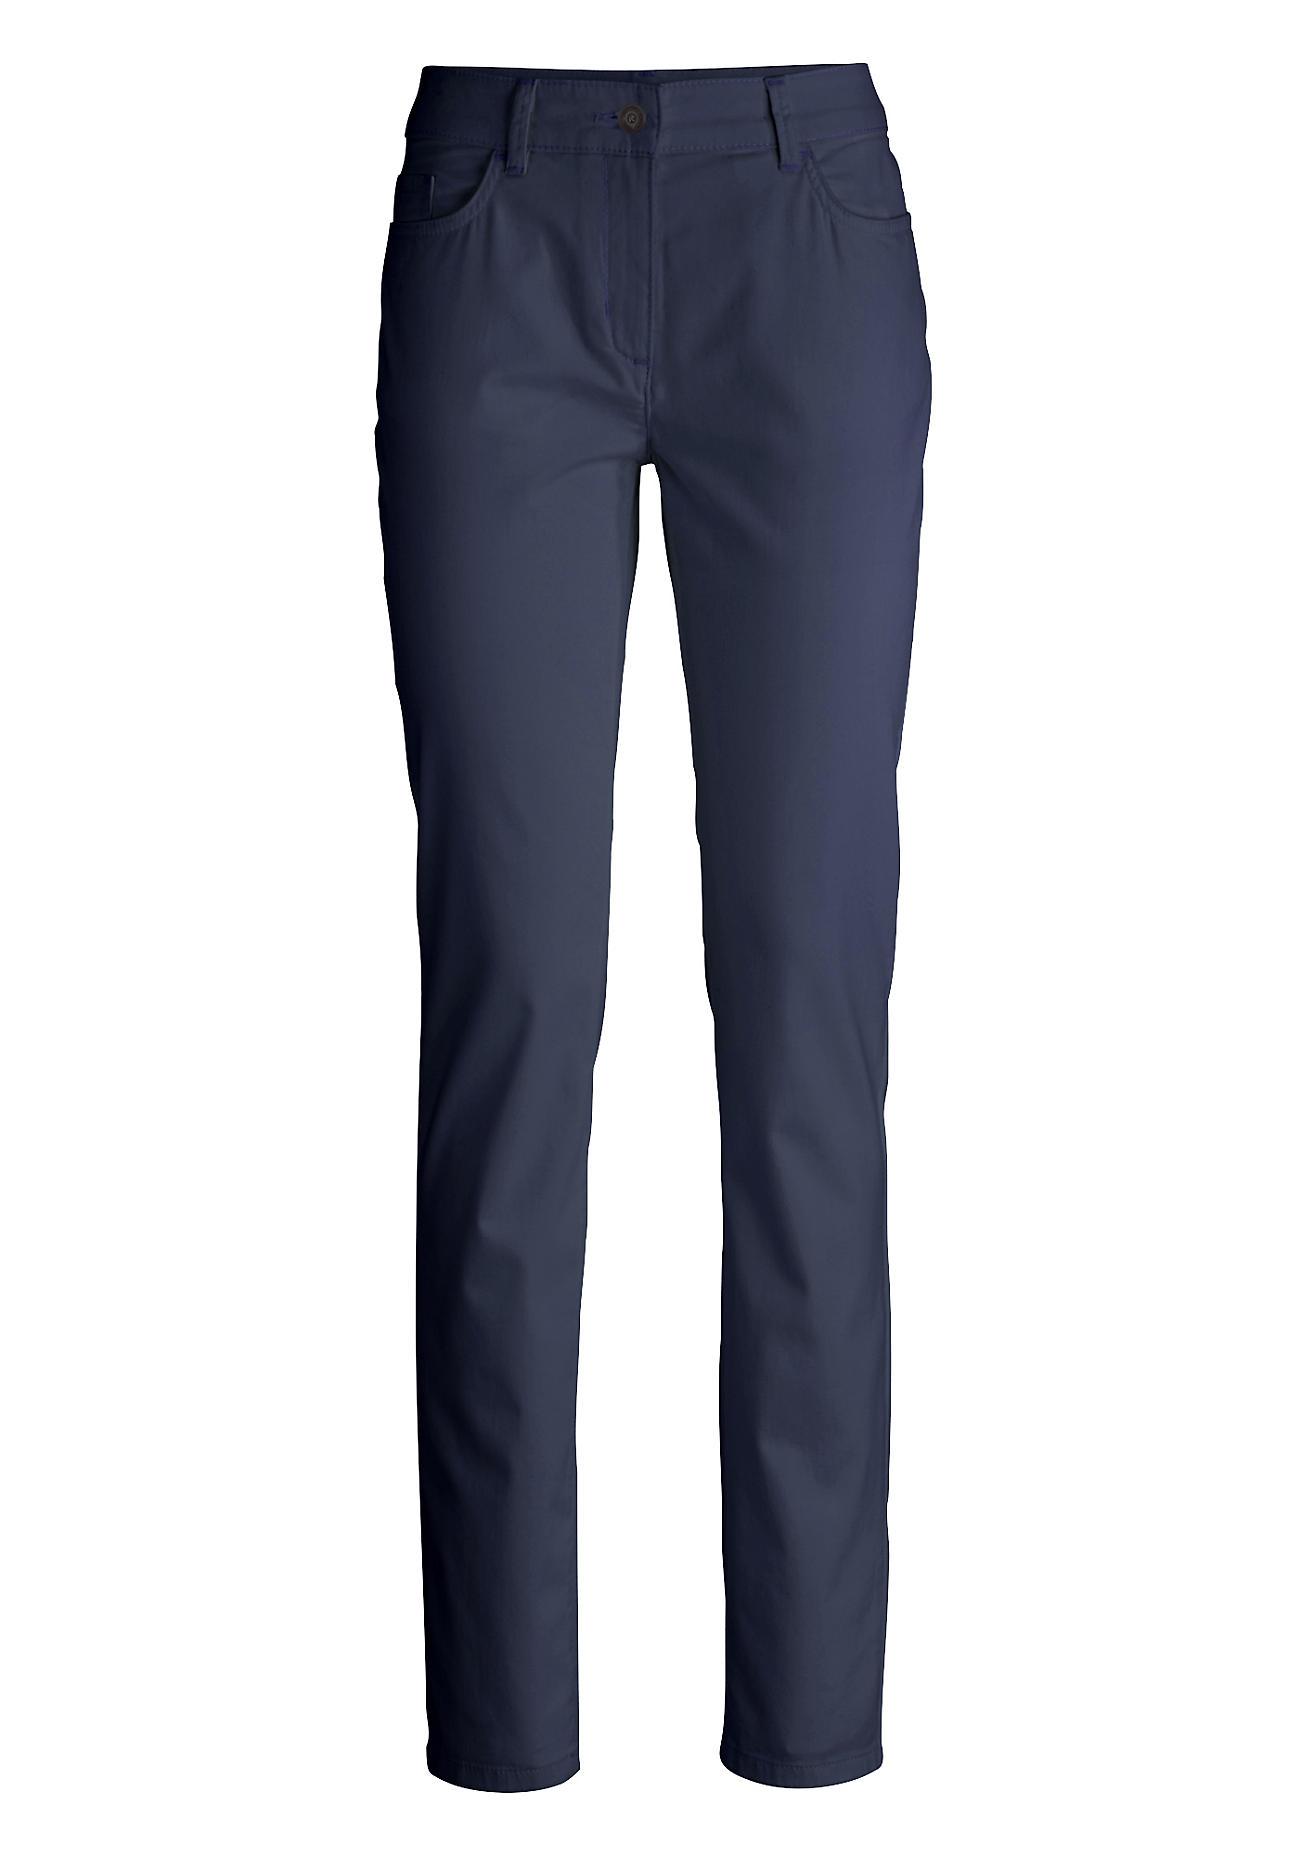 Hosen - hessnatur Damen Hose Slim Fit aus Bio Baumwolle – blau –  - Onlineshop Hessnatur